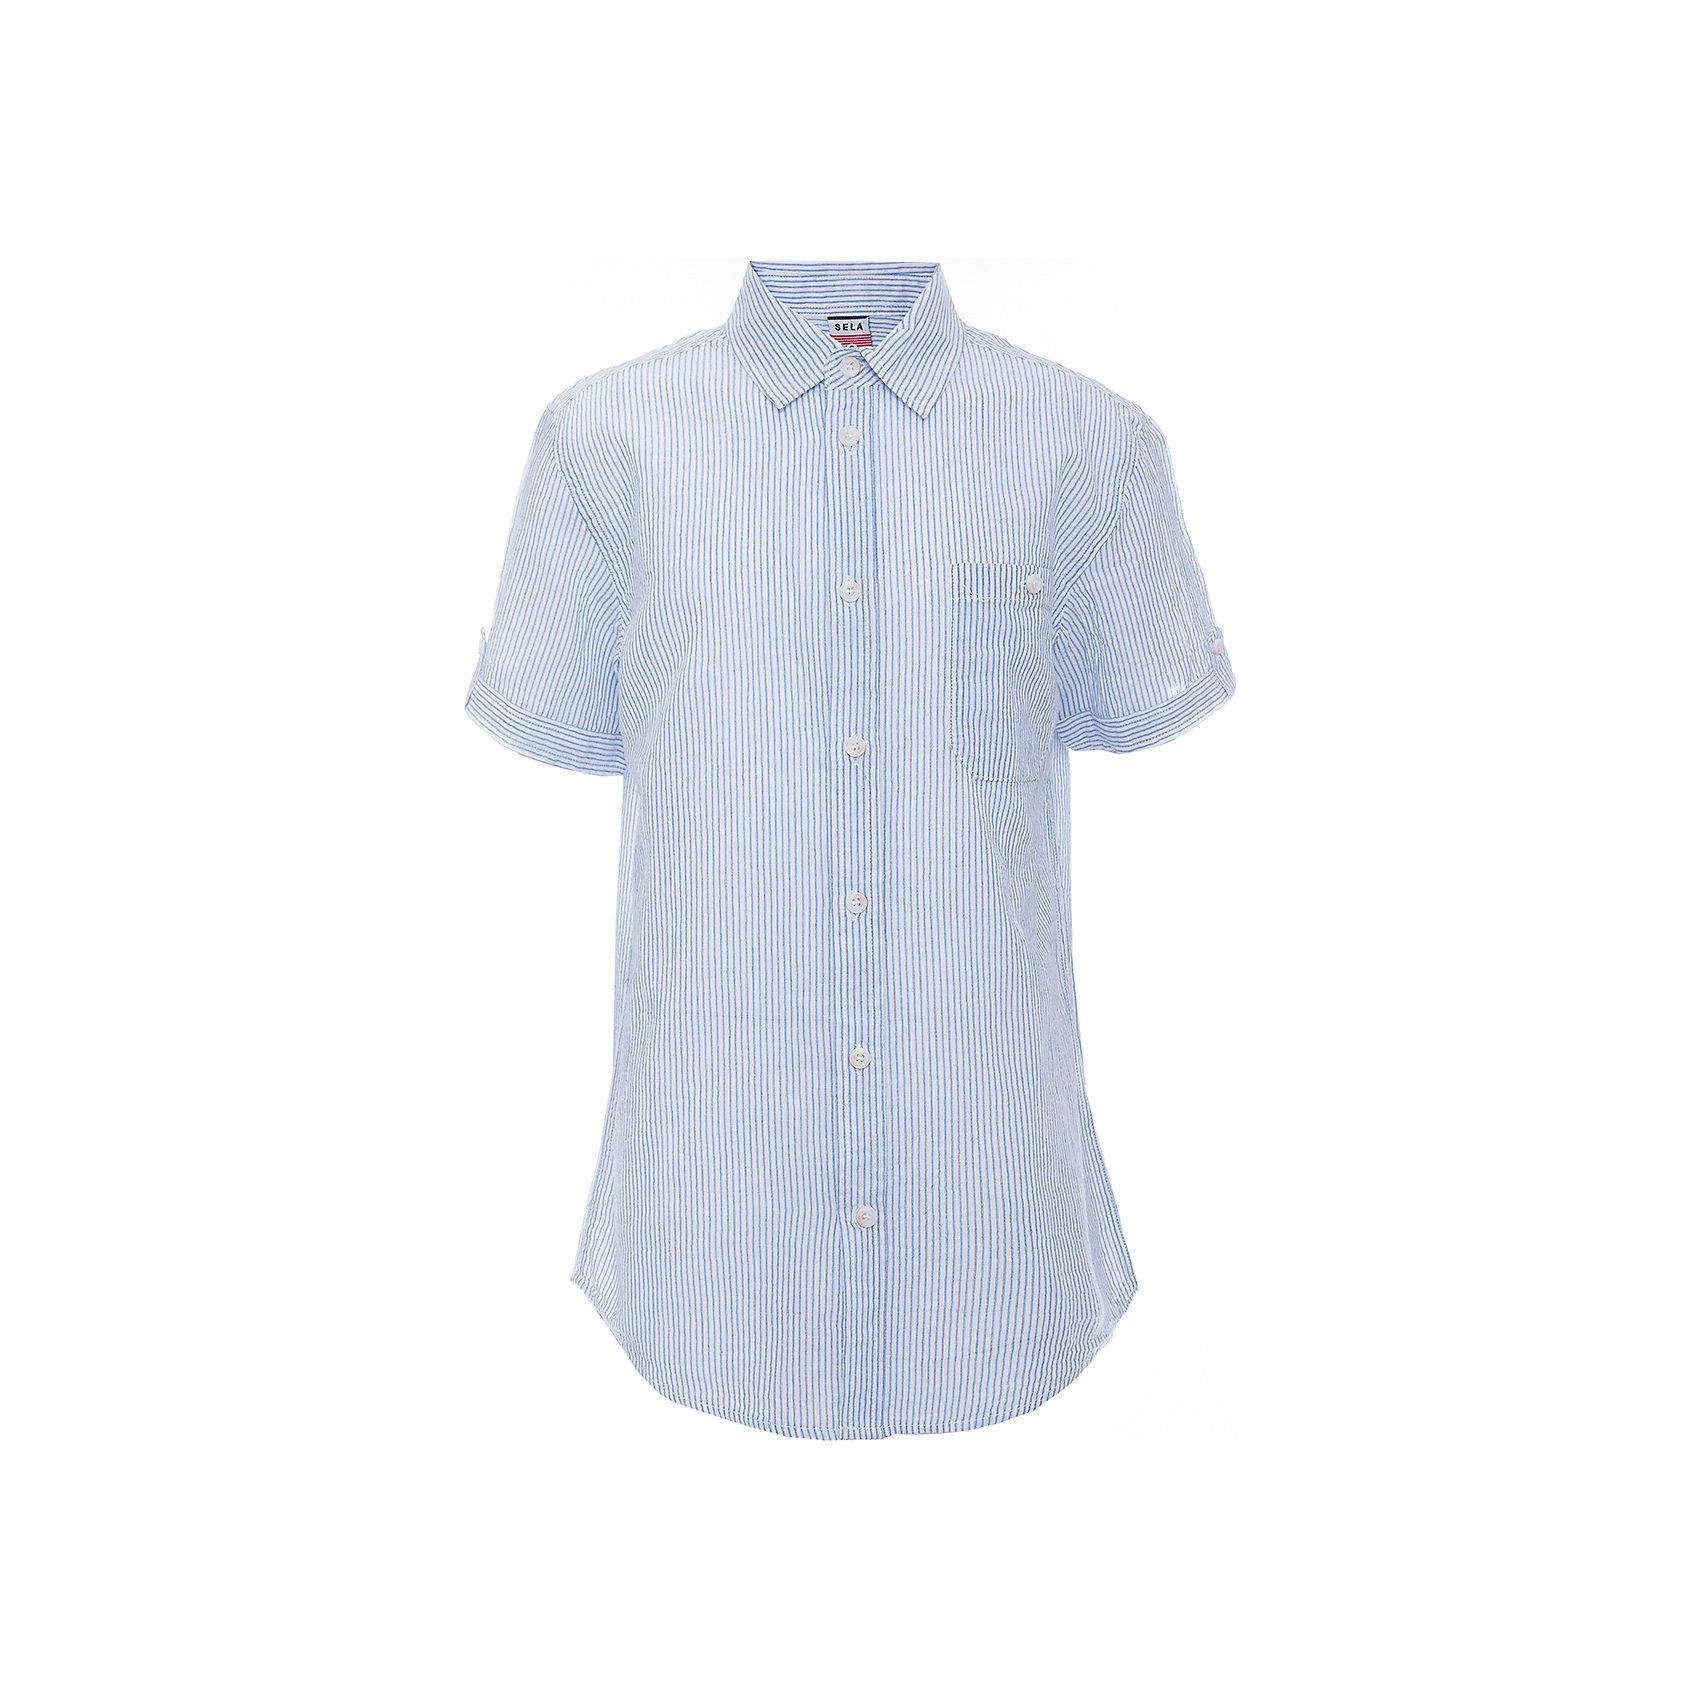 Рубашка для мальчика SELAБлузки и рубашки<br>Характеристики товара:<br><br>• цвет:  белый<br>• сезон: лето<br>• состав: 100% хлопок<br>• пуговицы<br>• короткие рукава<br>• отложной воротник<br>• принт<br>• страна бренда: Россия<br><br>Модная рубашка для мальчика разнообразит гардероб ребенка. Она отлично сочетается с джинсами, брюками или шортами. Очень стильно смотрится!<br><br>Одежда, обувь и аксессуары от российского бренда SELA не зря пользуются большой популярностью у детей и взрослых! Модели этой марки - стильные и удобные, цена при этом неизменно остается доступной. <br><br>Рубашку для мальчика от популярного бренда SELA (СЕЛА) можно купить в нашем интернет-магазине.<br><br>Ширина мм: 174<br>Глубина мм: 10<br>Высота мм: 169<br>Вес г: 157<br>Цвет: белый<br>Возраст от месяцев: 120<br>Возраст до месяцев: 132<br>Пол: Мужской<br>Возраст: Детский<br>Размер: 146,152,122,128,134,140<br>SKU: 5305562